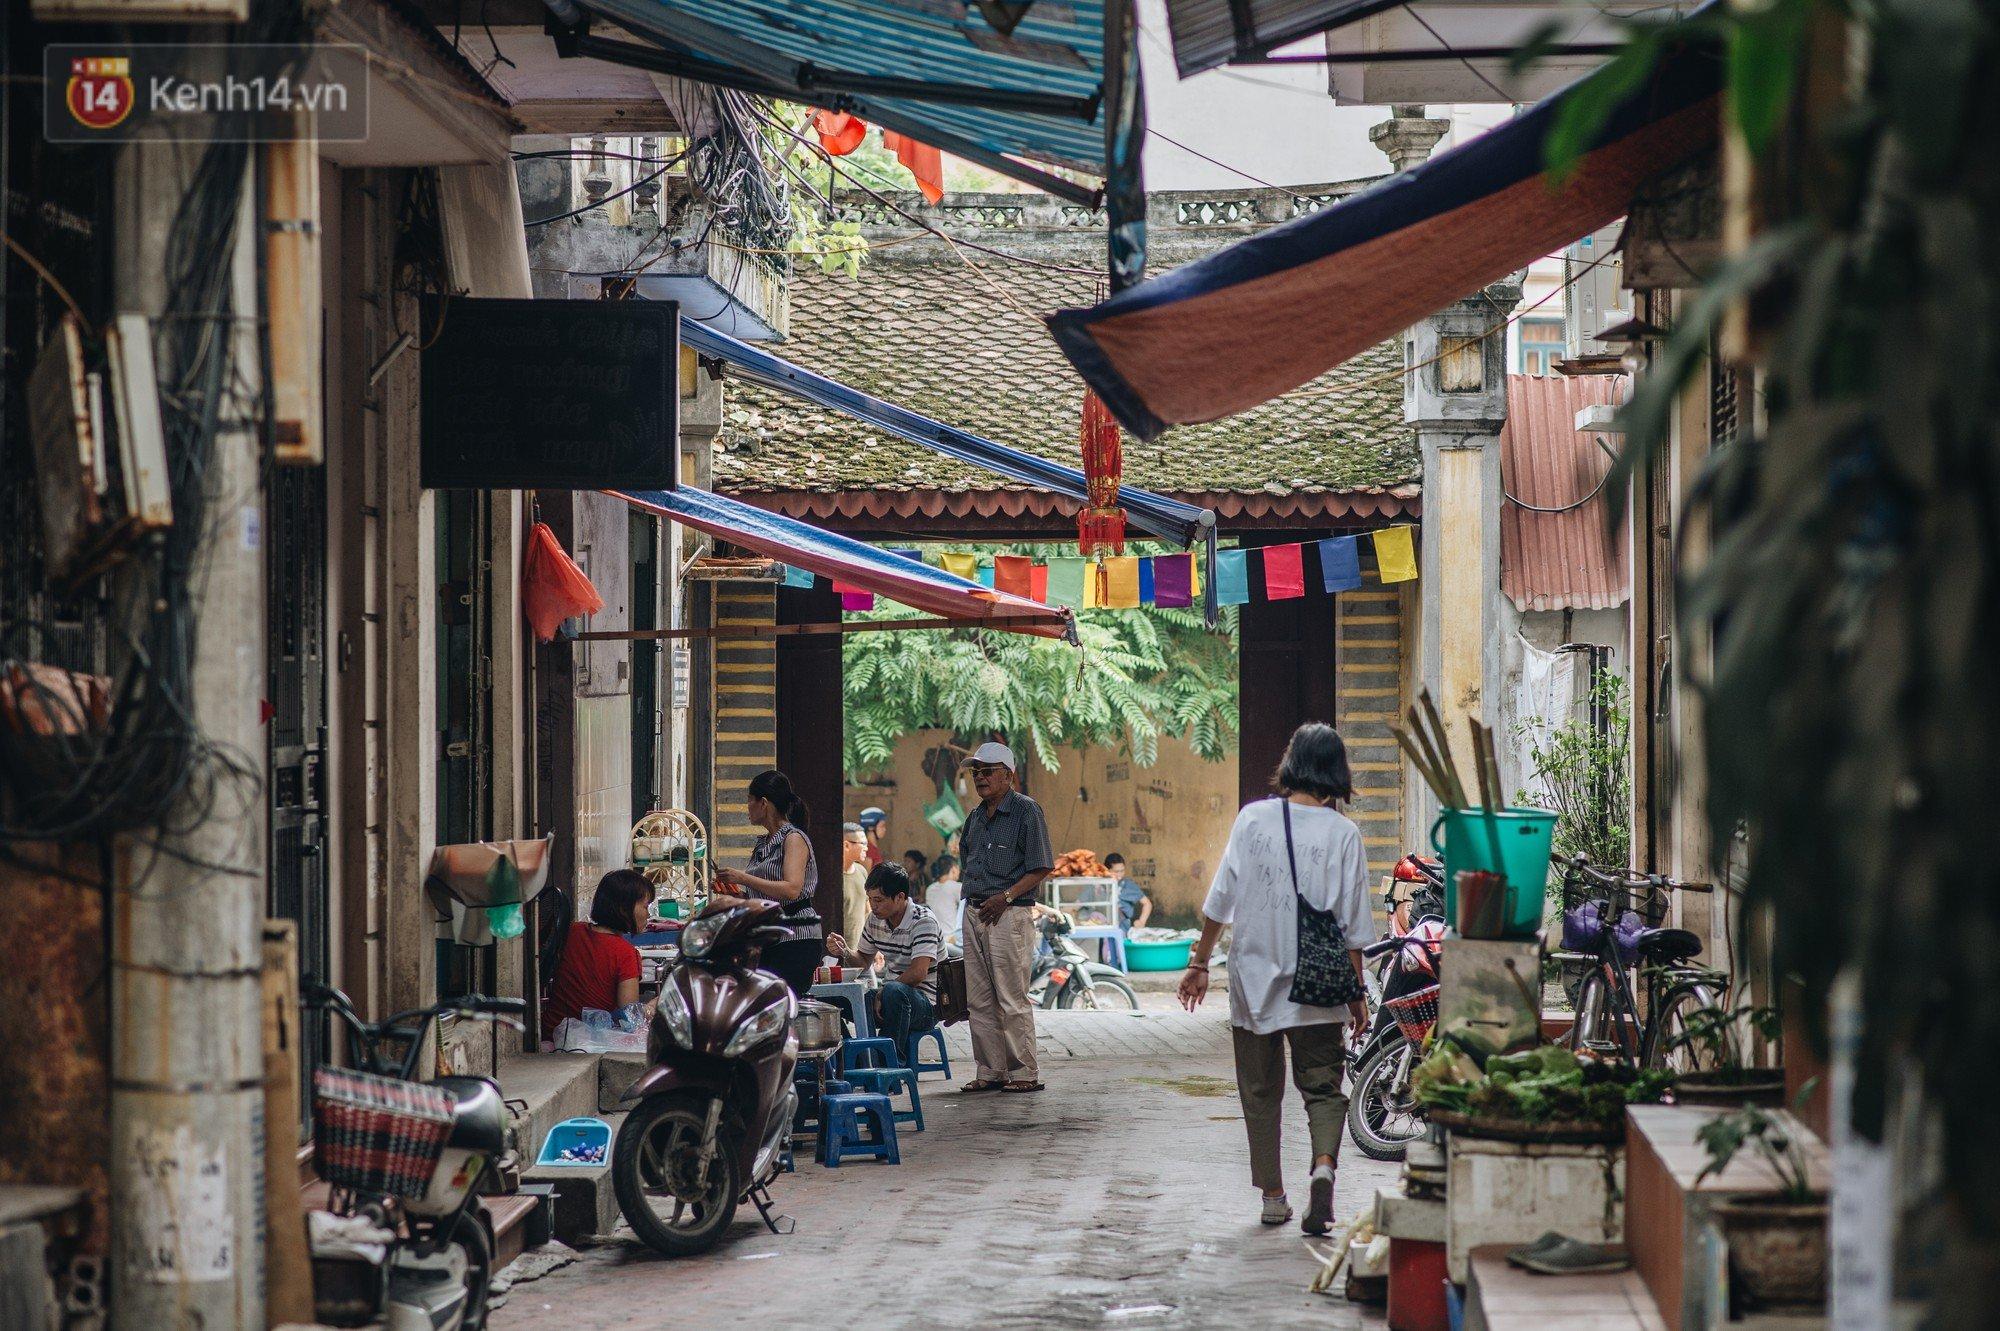 Chuyện về một con phố có nhiều cổng làng nhất Hà Nội: Đưa chân qua cổng phải tôn trọng nếp làng 4